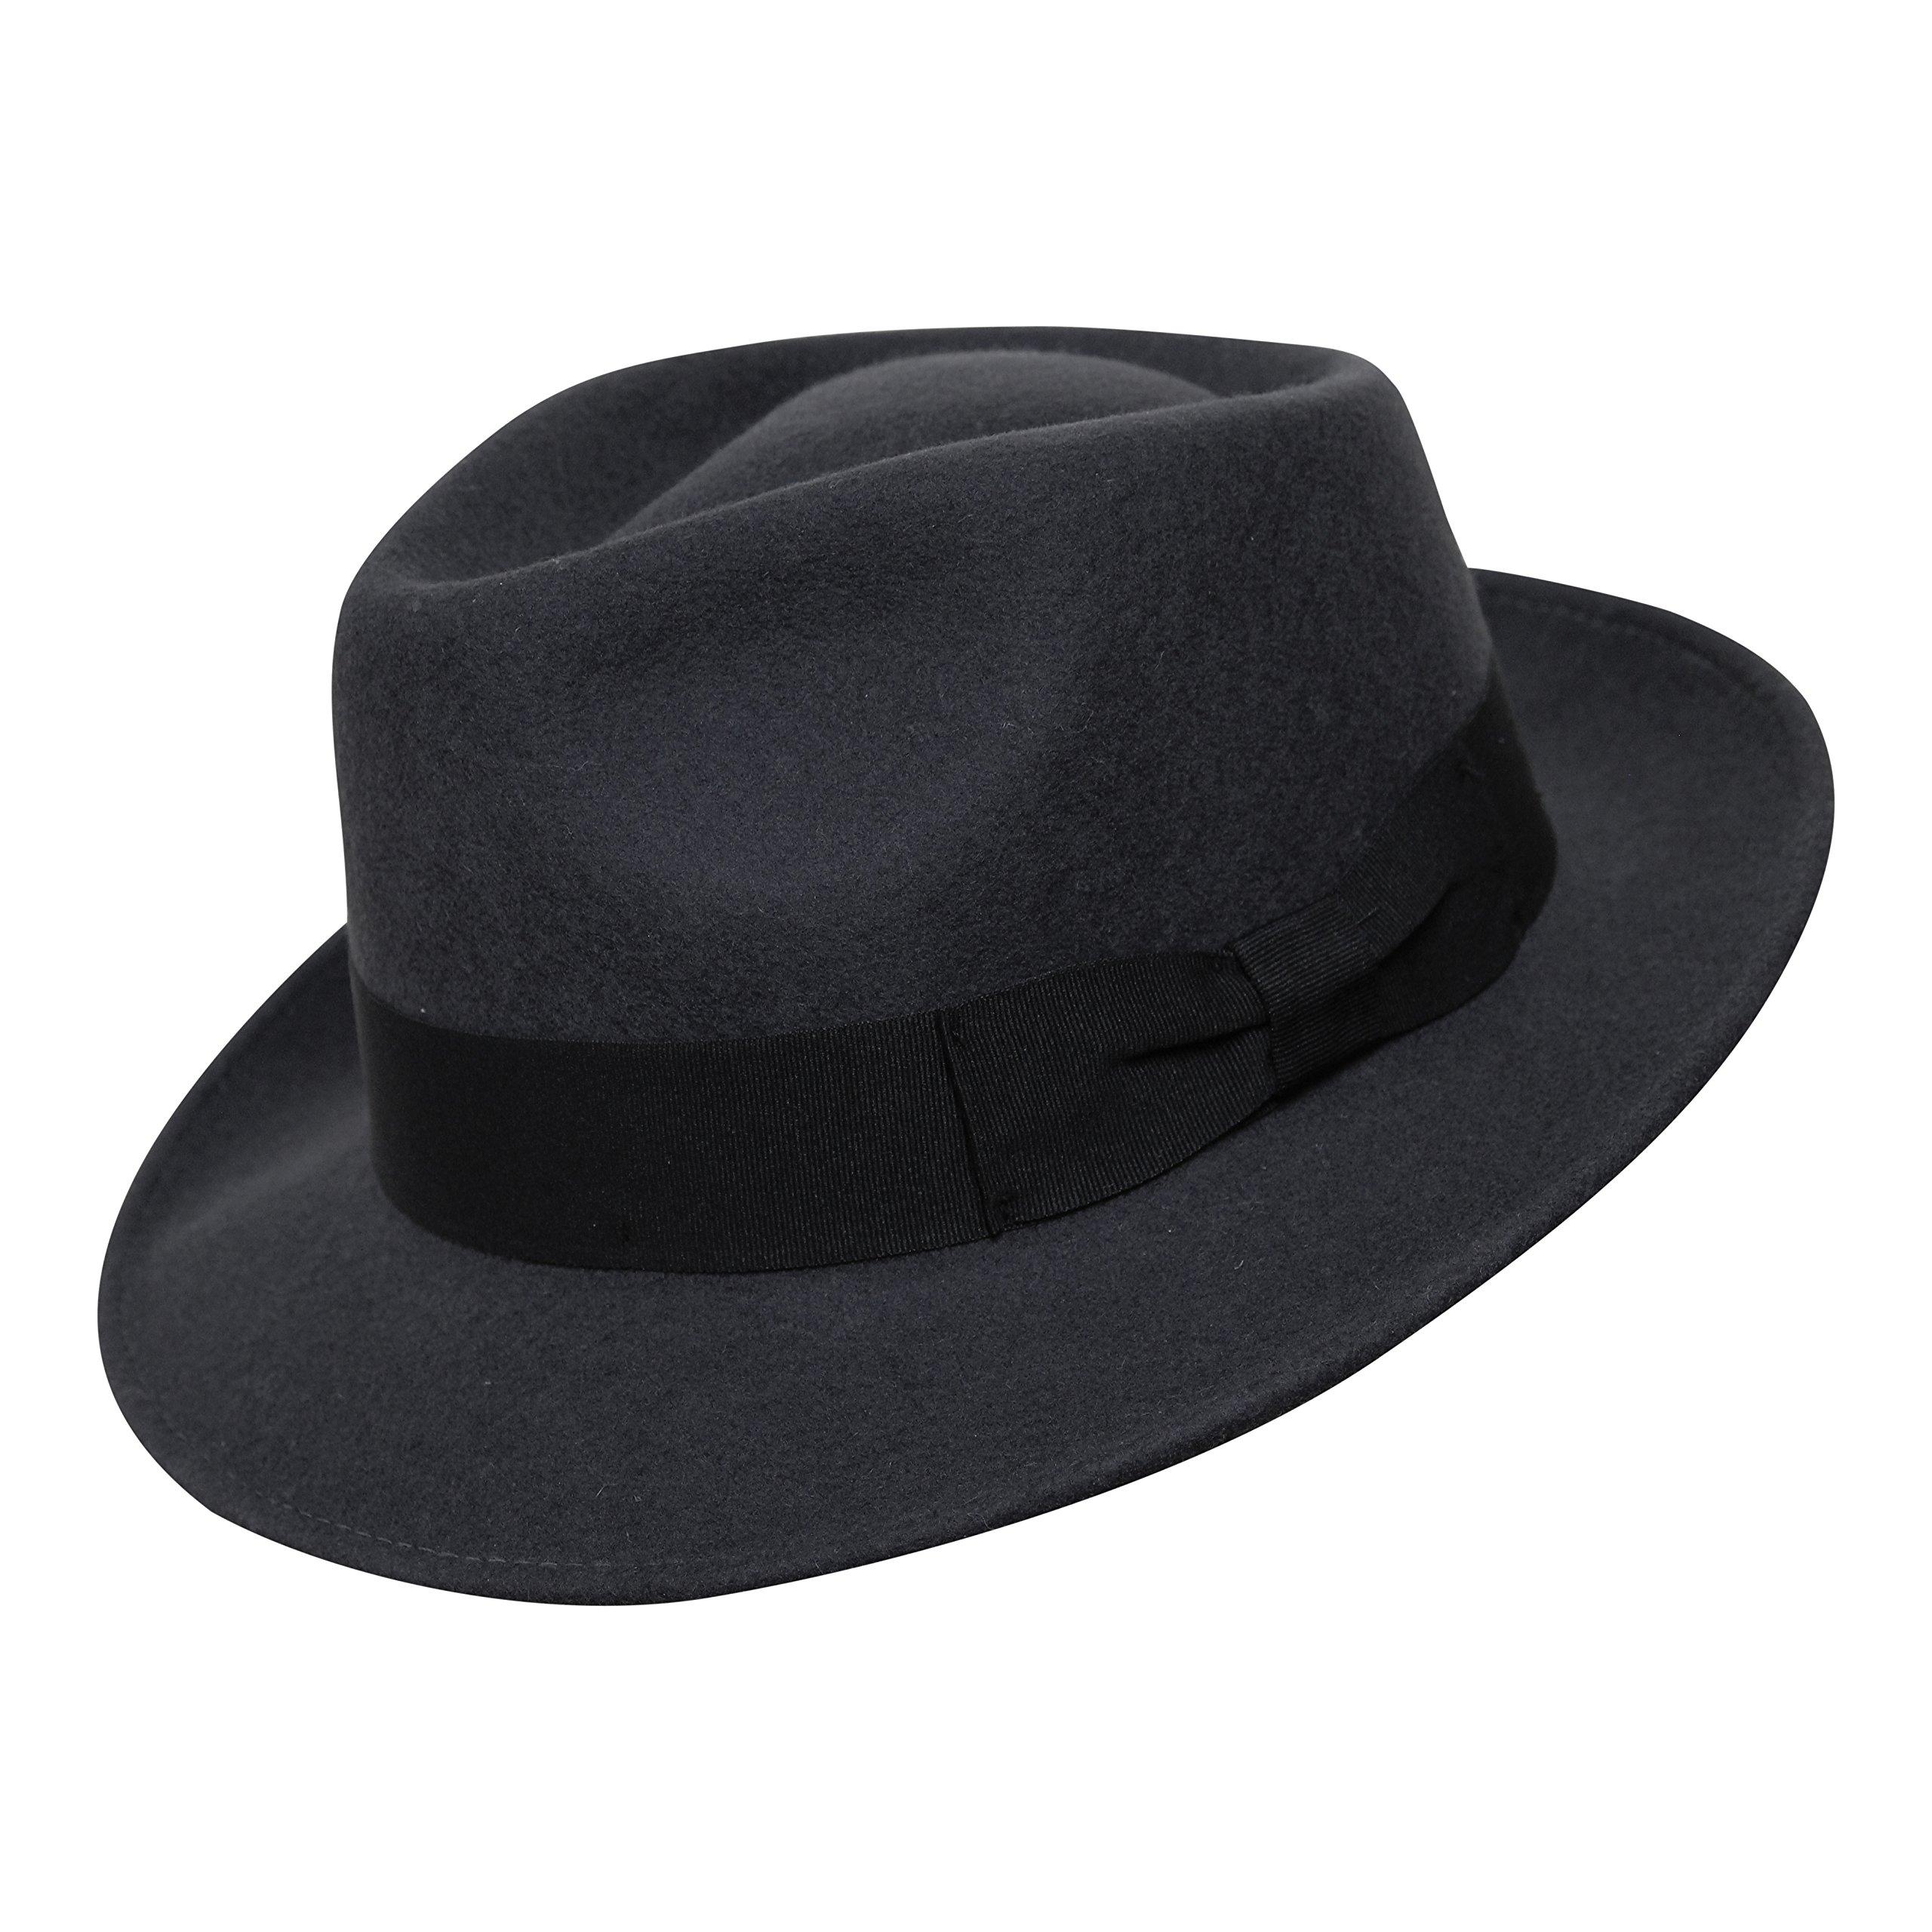 B S Premium Doyle- Cappello a Goccia Fedora-100% Feltro di Lana-  Ripiegabile in Viaggio- Impermeabile- Unisex 003c516061a5